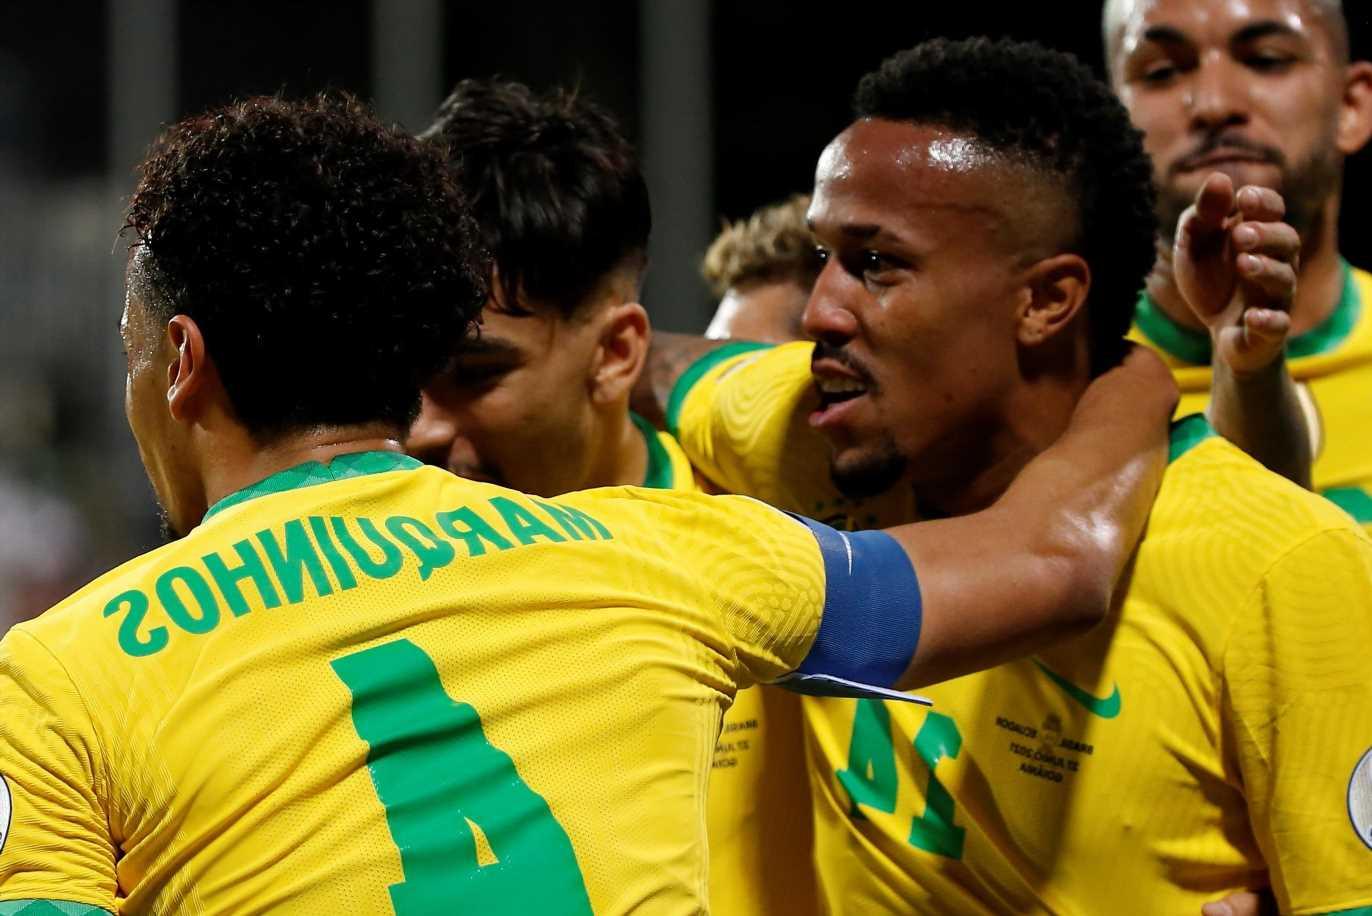 Brazil 1 Ecuador 1: Selecao's ten-match winning run ends in final Copa America group game as Militao goal cancelled out